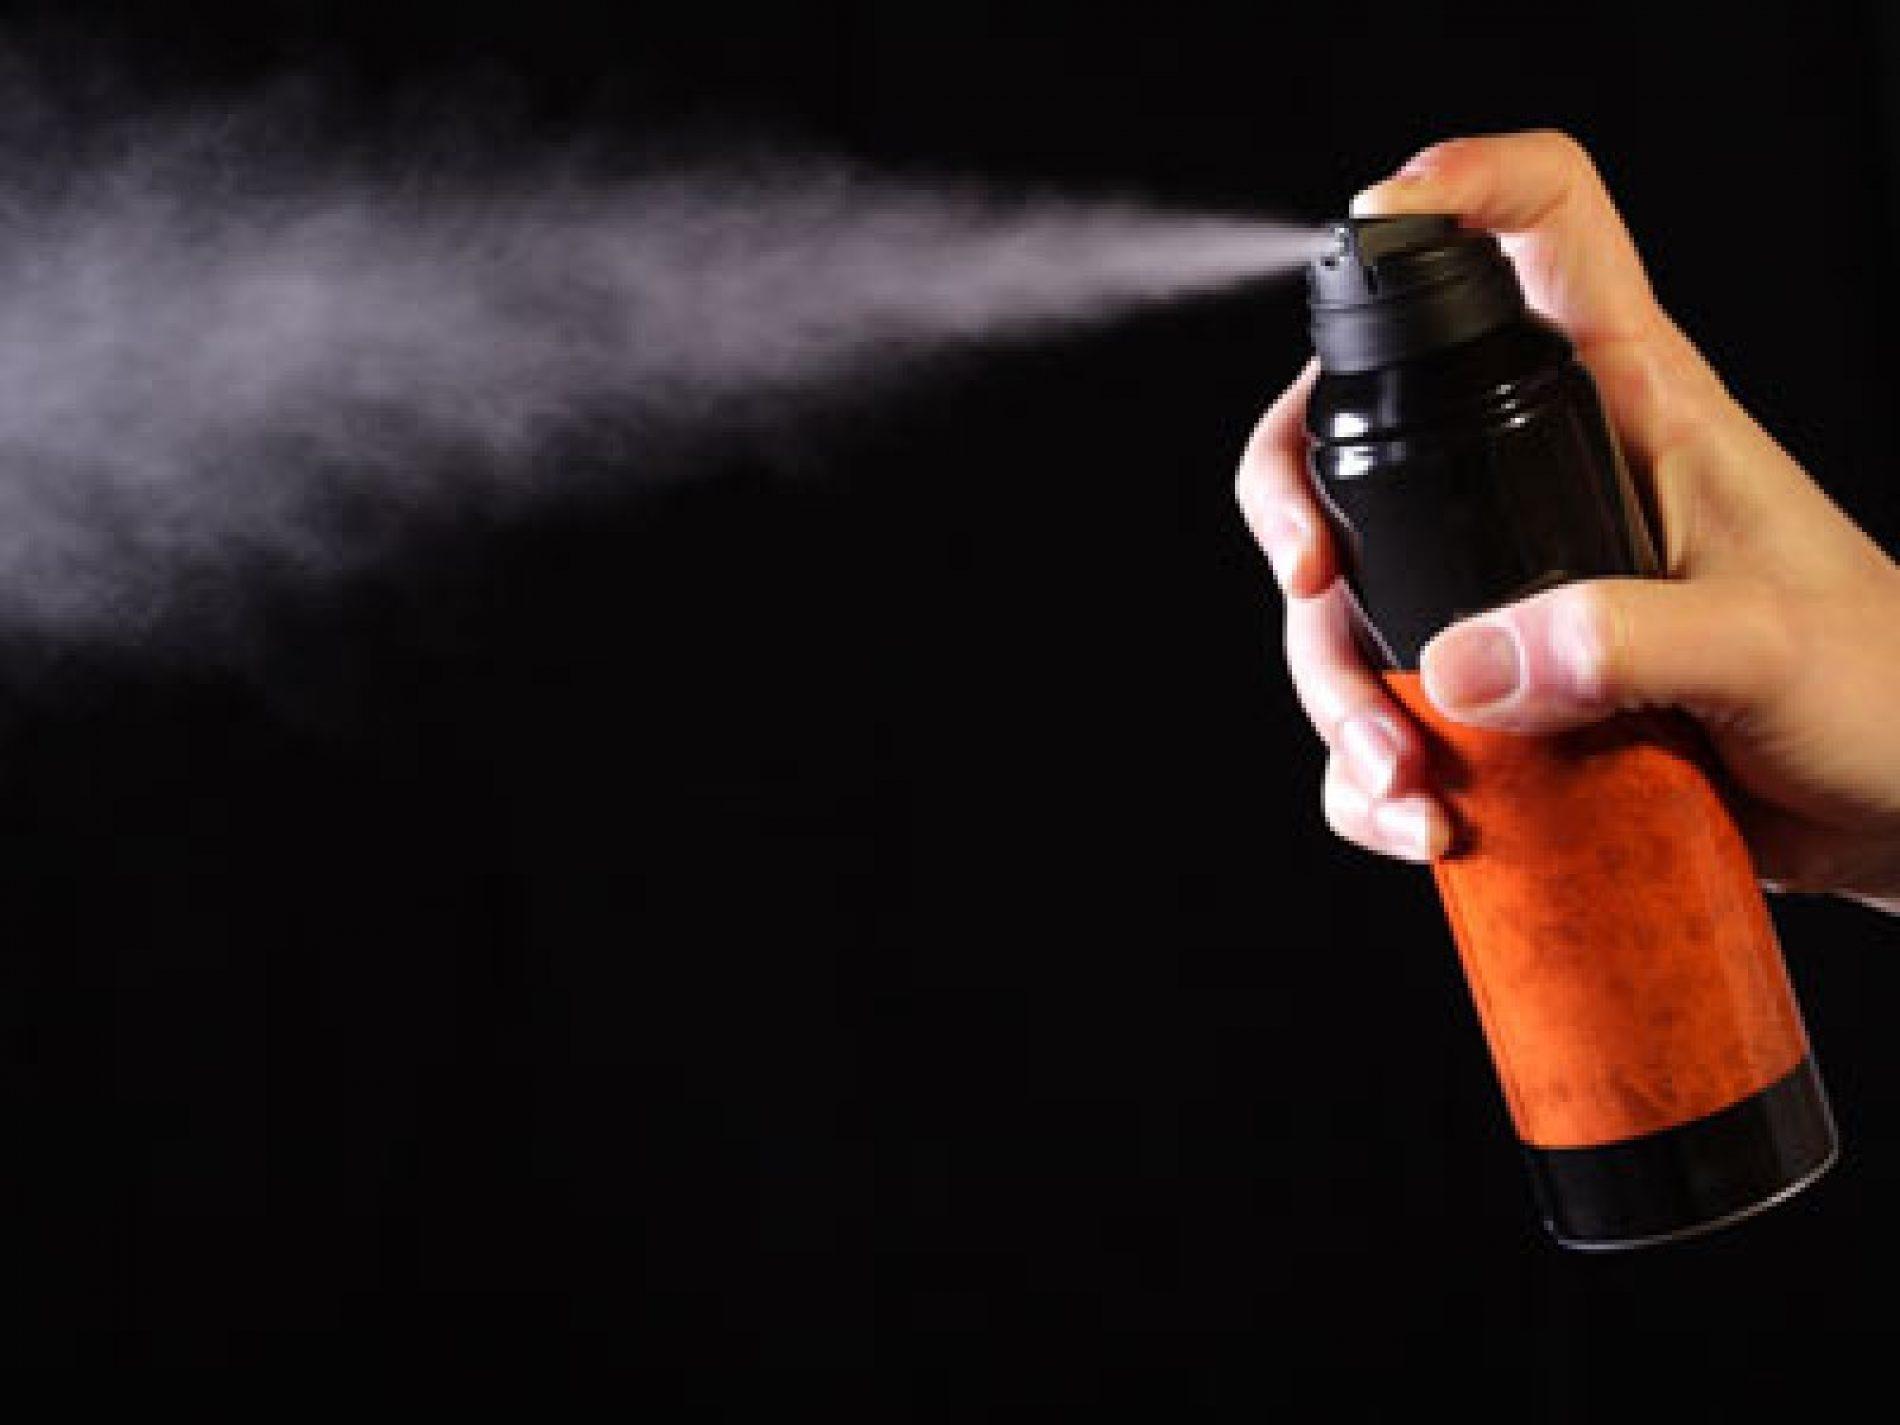 BARRETOS: Após furtar 10 frascos de desodorante em supermercado, homem foge, mas é detido e preso no bairro Nogueira